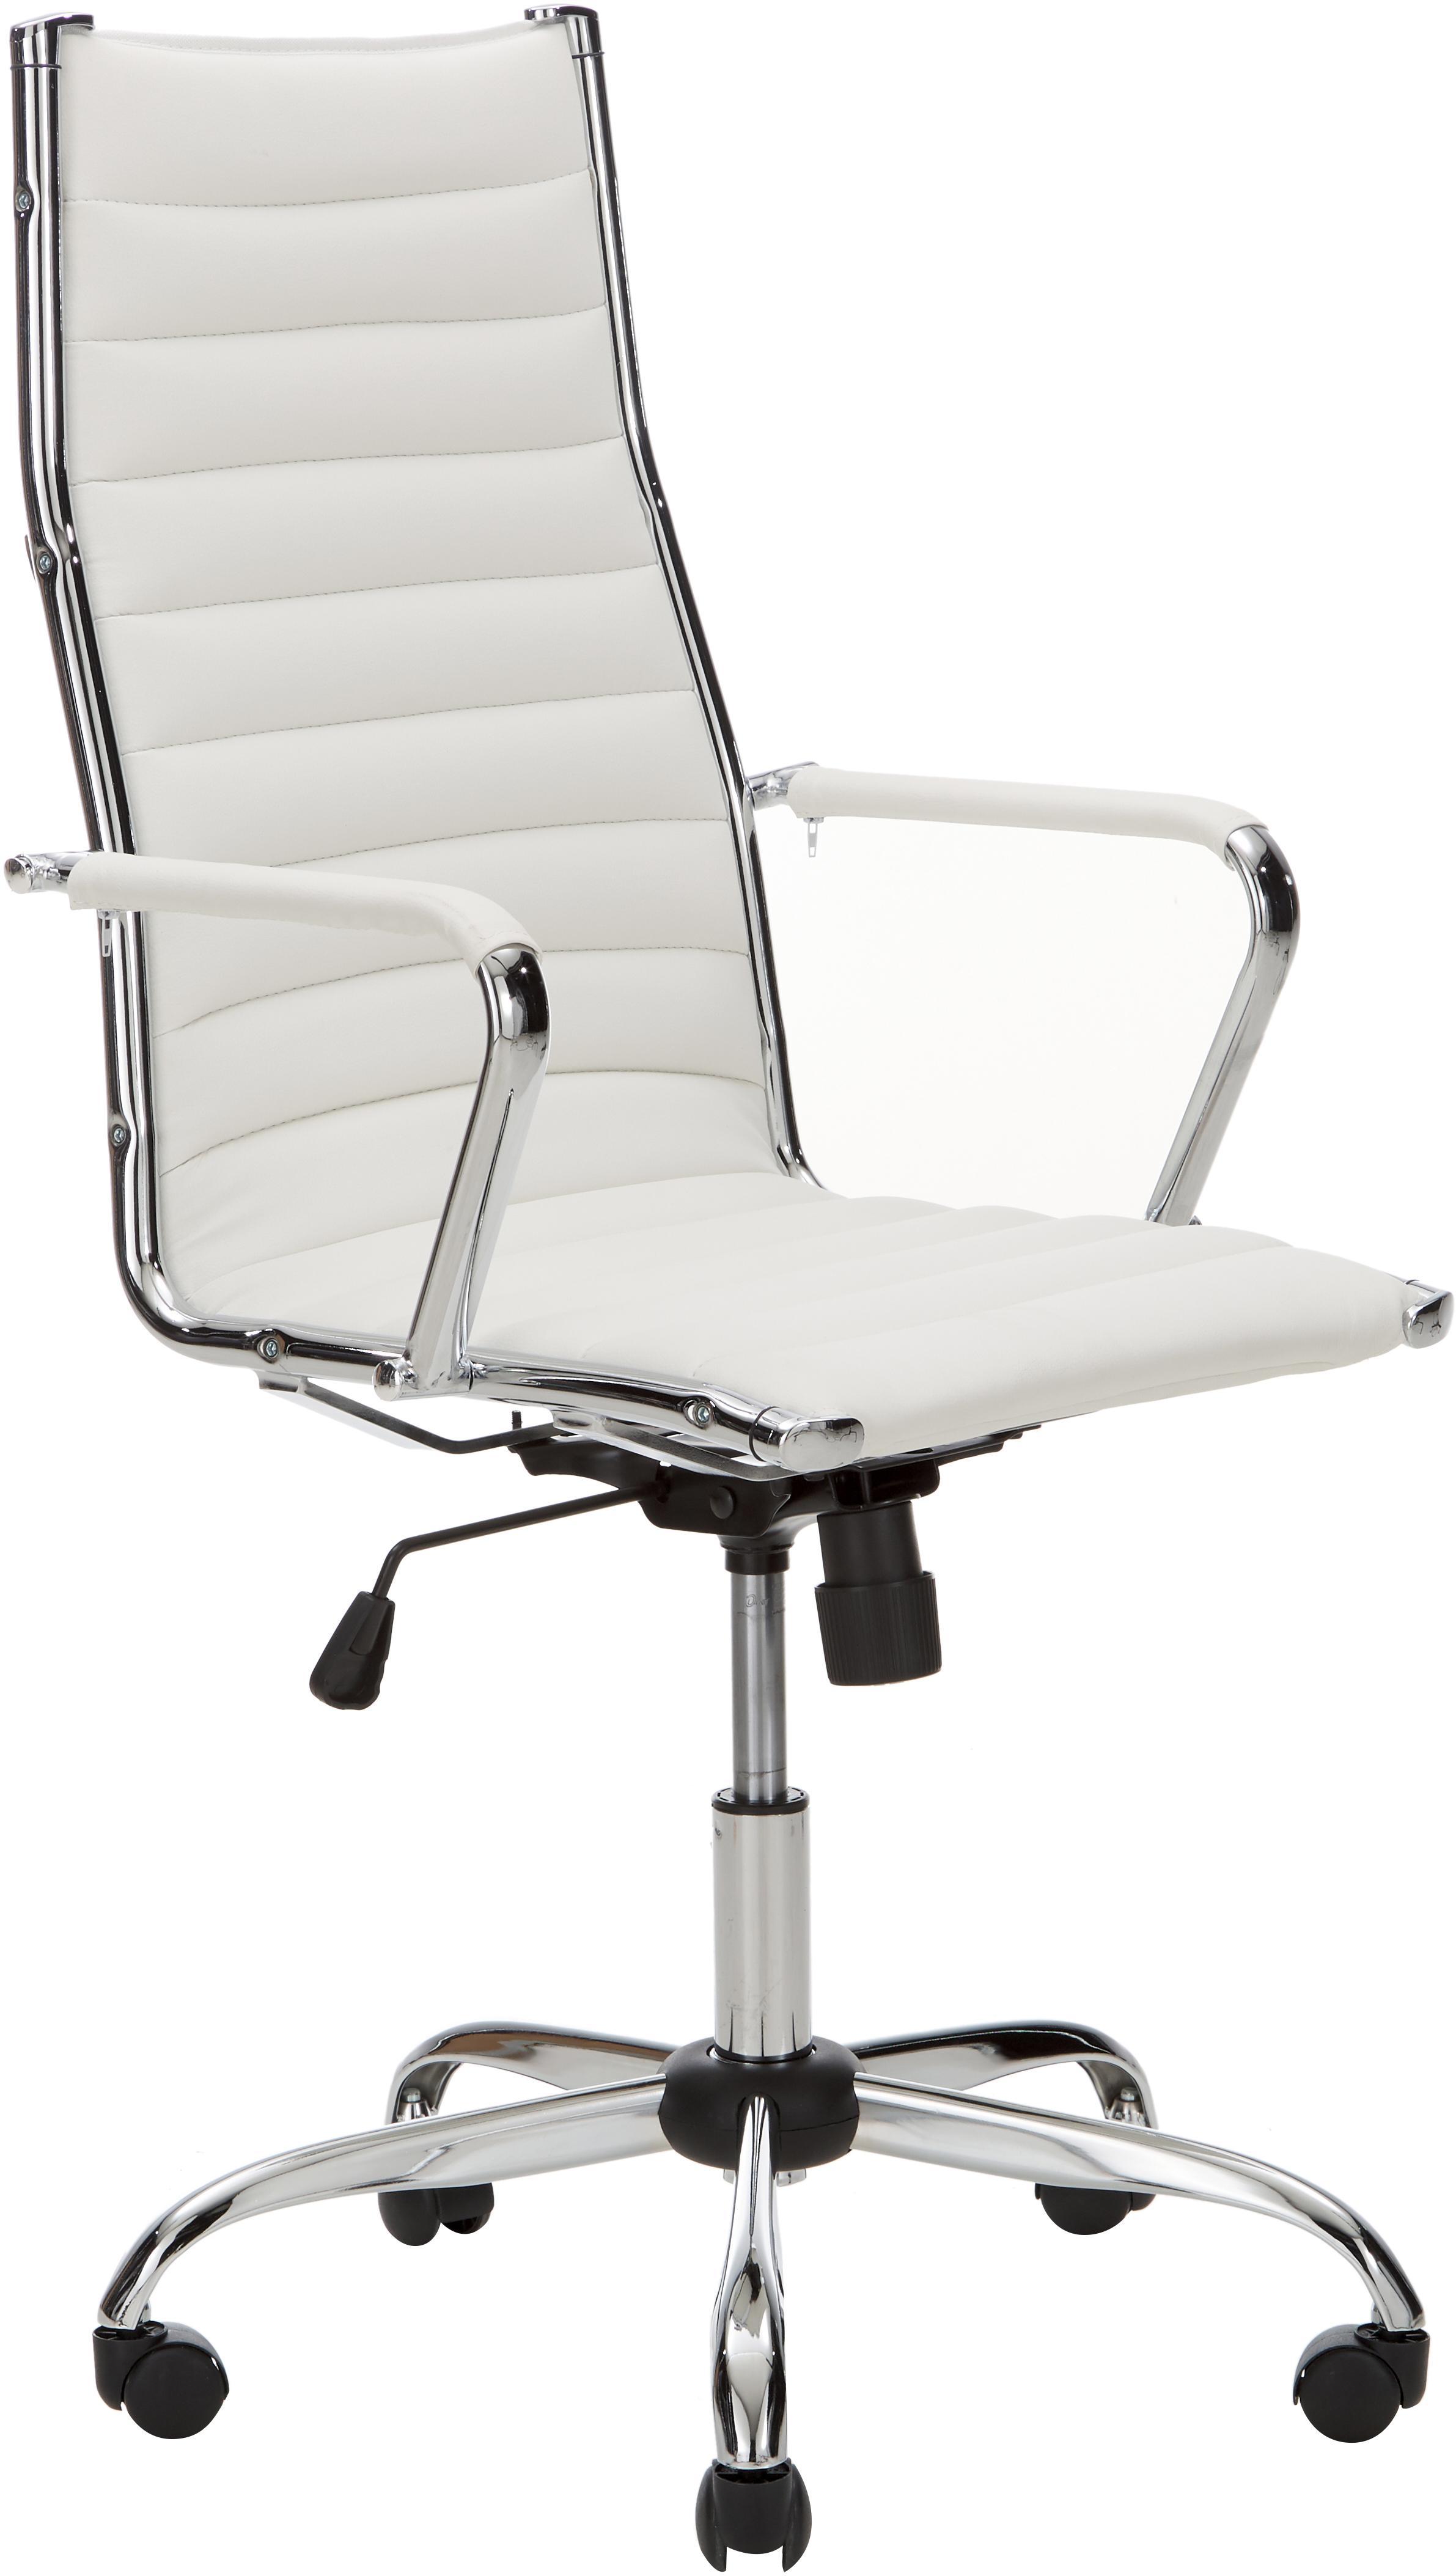 Biurowe krzesło obrotowe ze sztucznej skóry Amstyle, Tapicerka: sztuczna skóra, Stelaż: metal chromowany, Biały, chrom, S 60 x G 62 cm